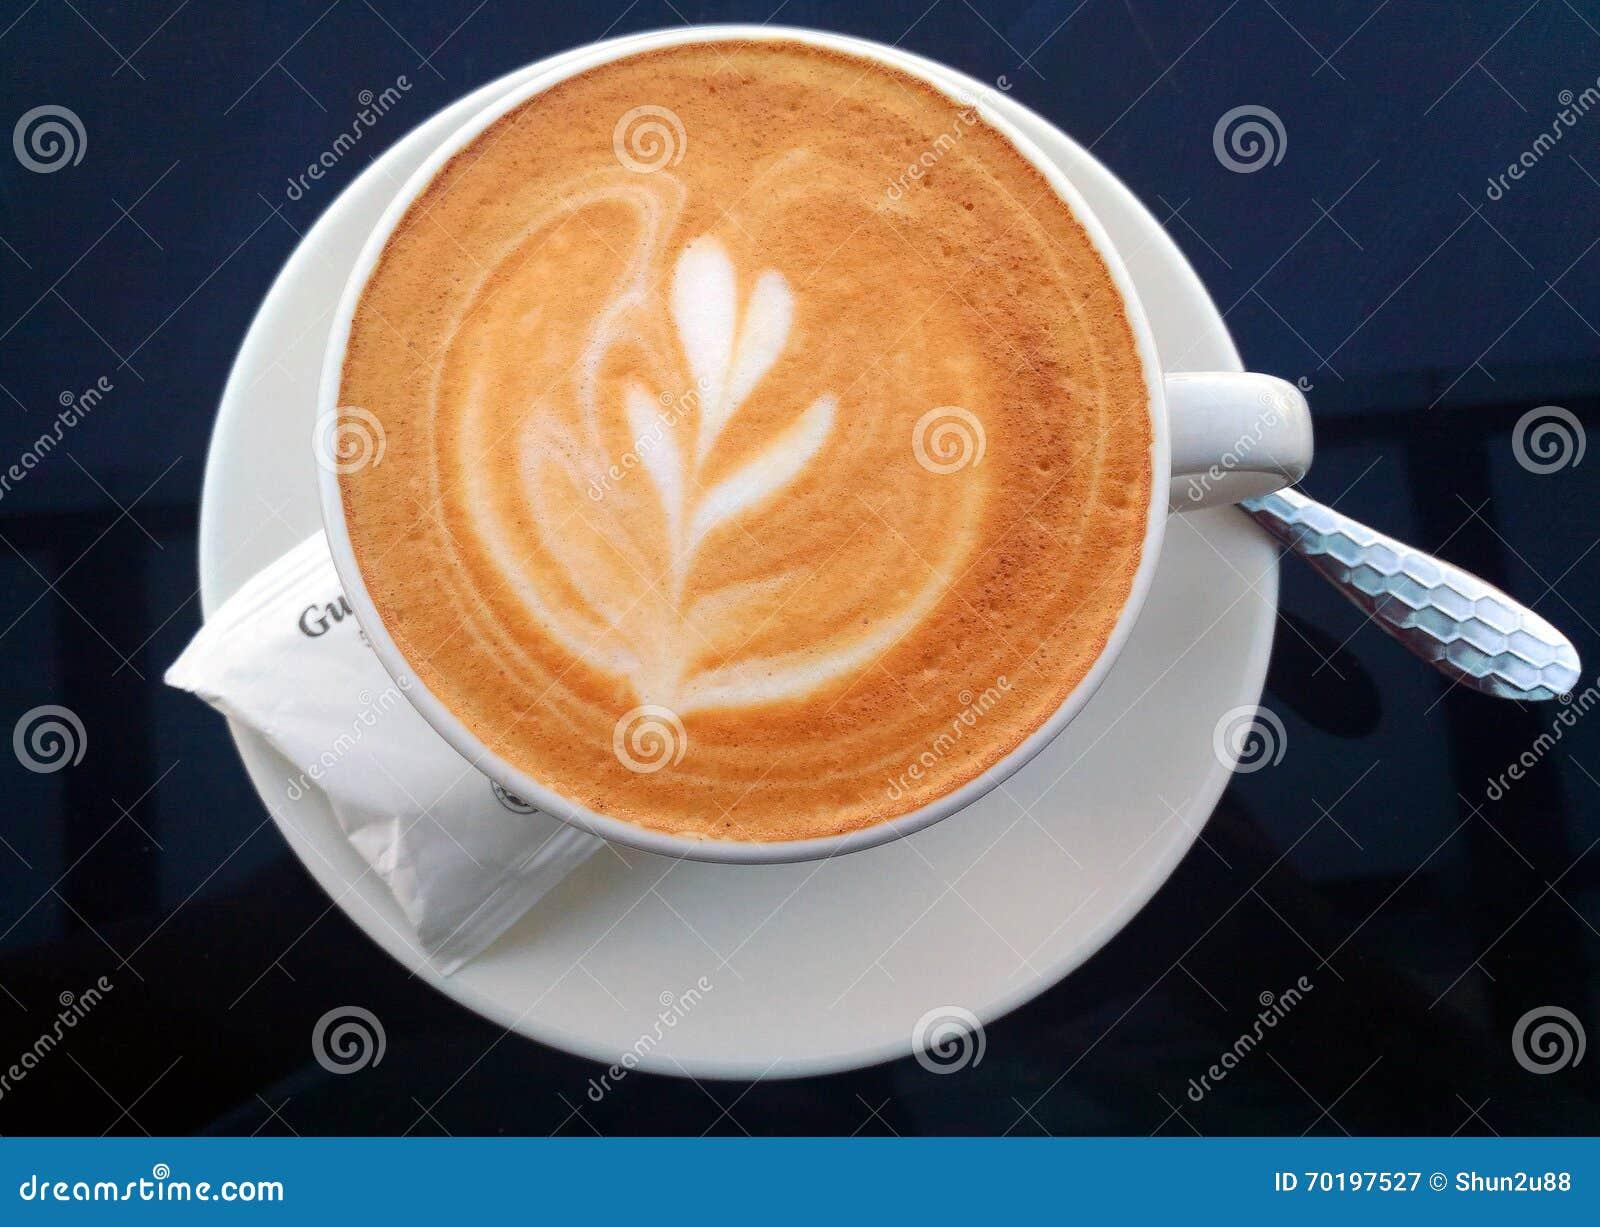 KaféLatte, cappuccino